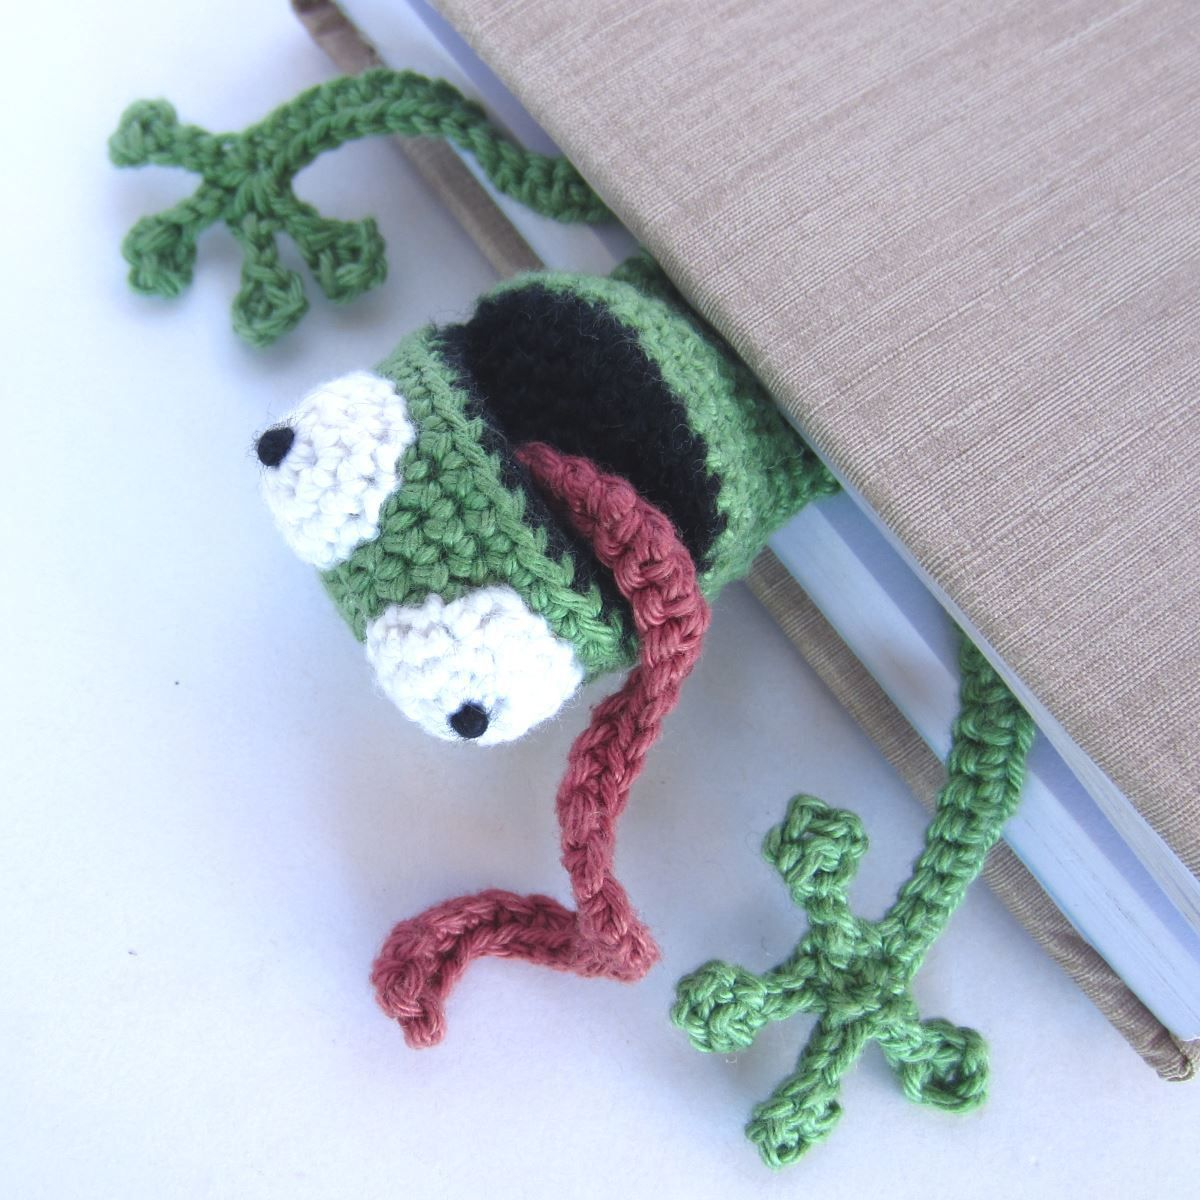 Amigurumi Frosch Lesezeichen Häkeln Beitragsbild Häkeln Crochet